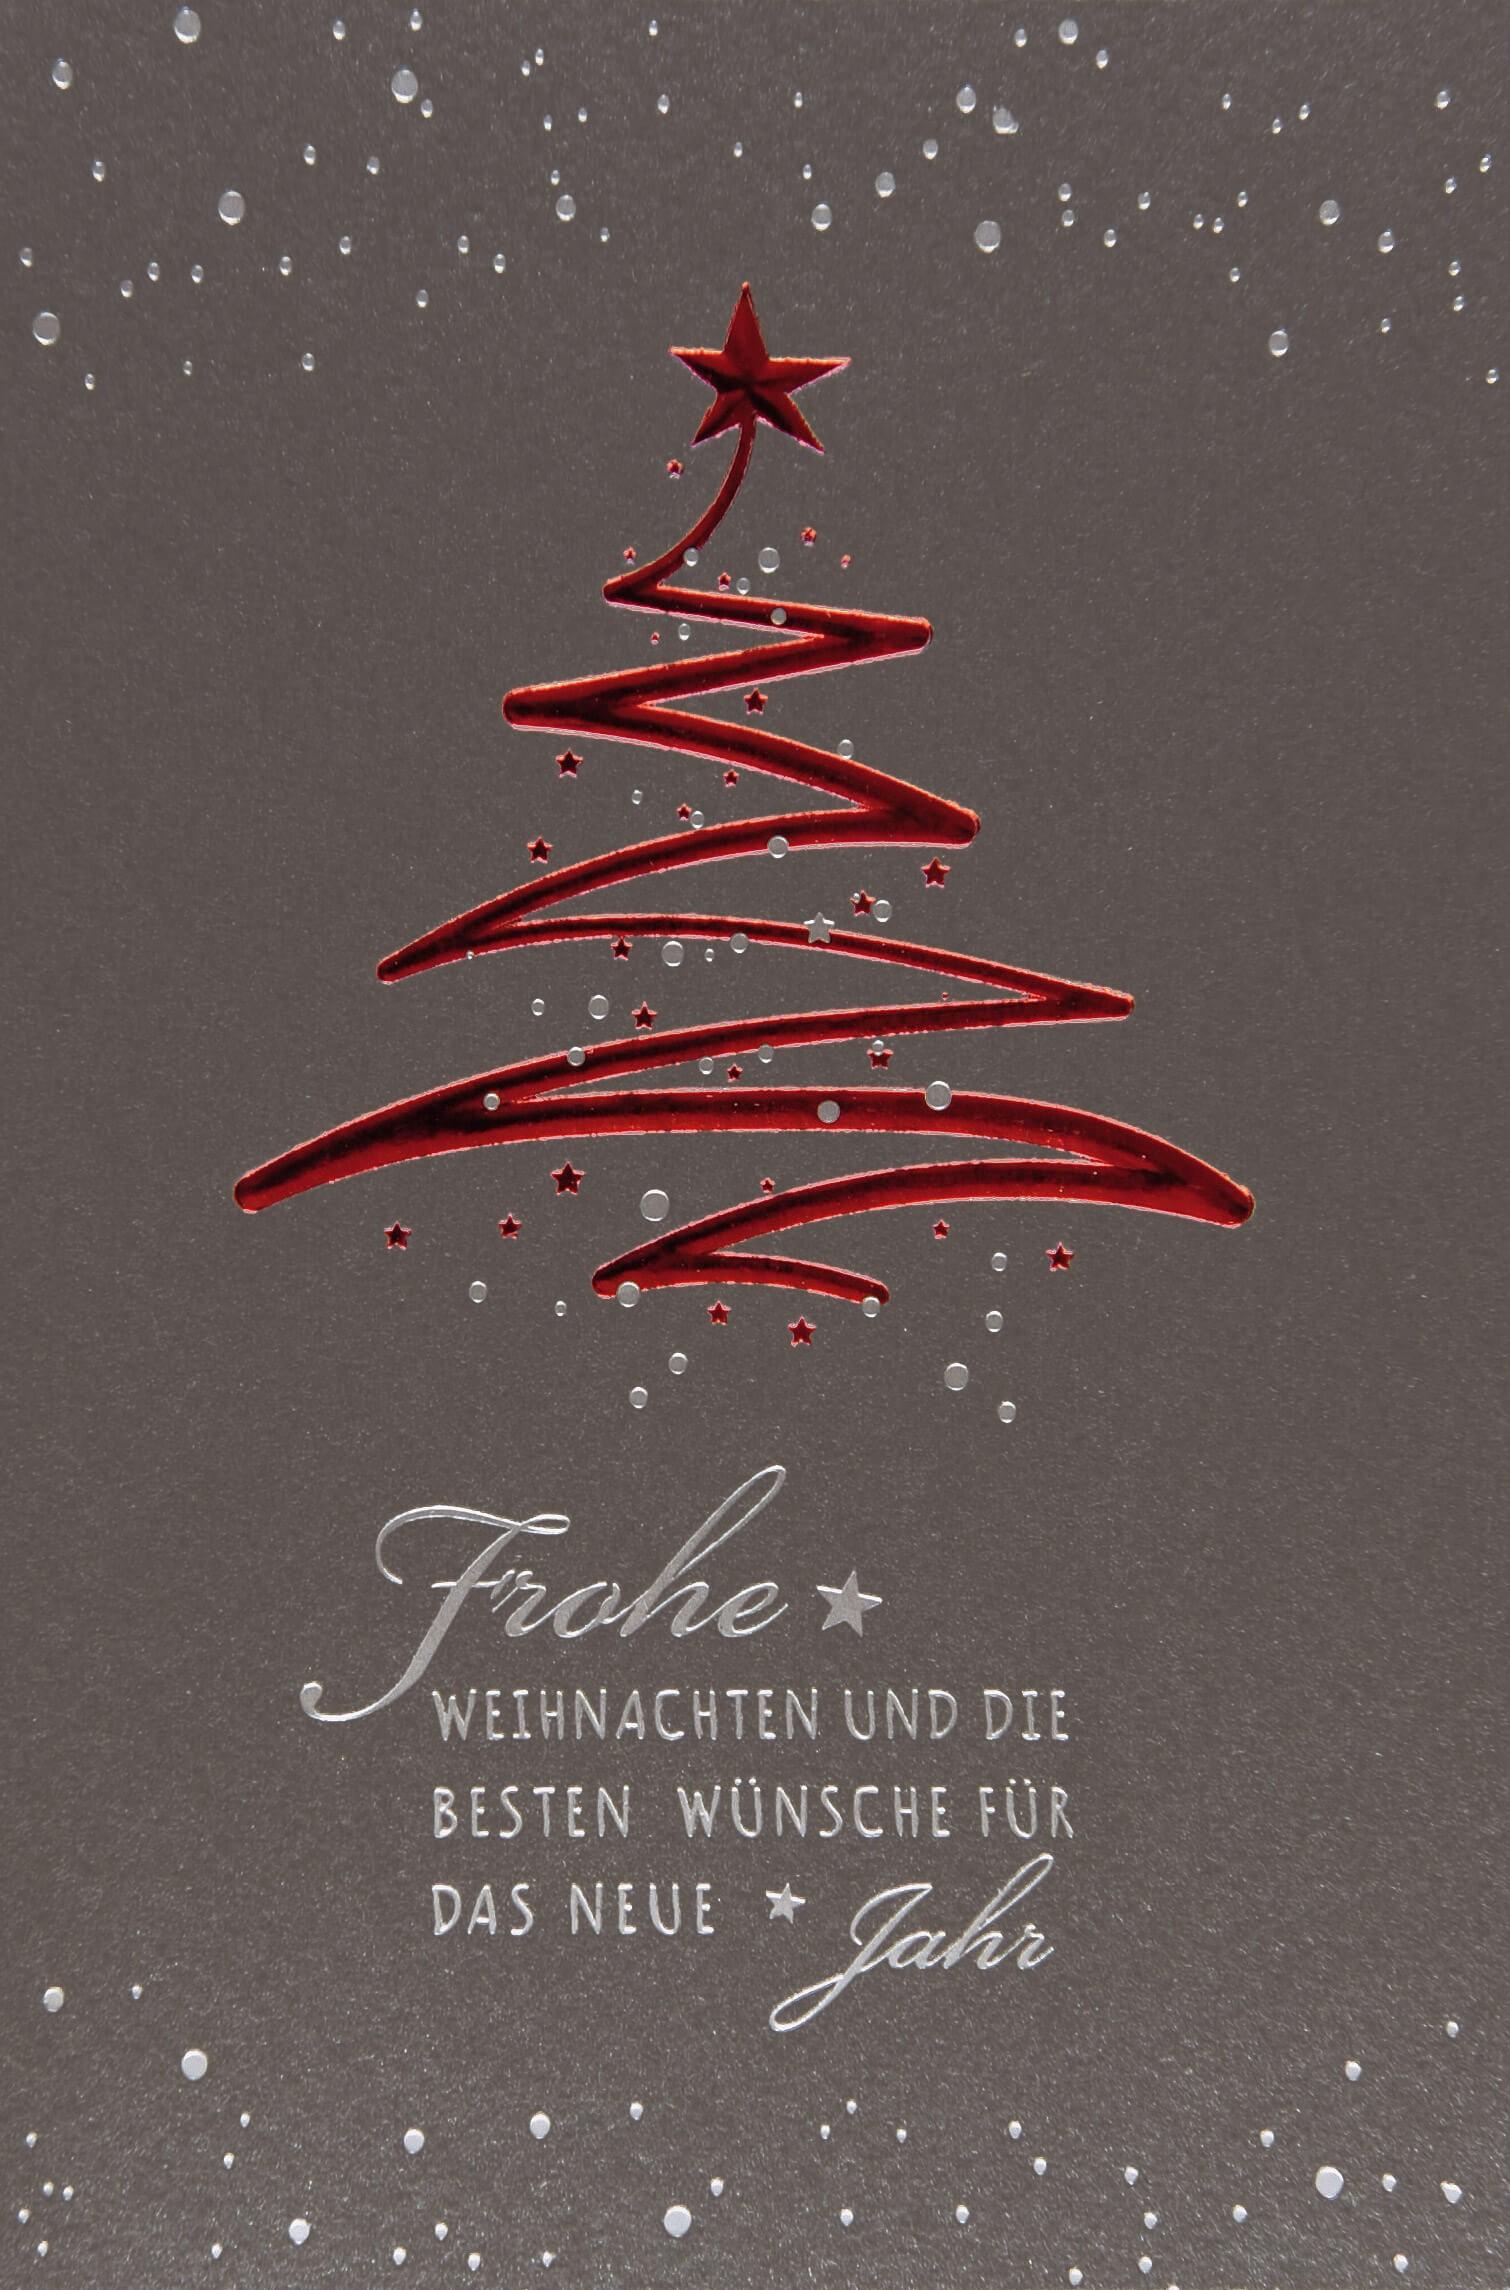 Weihnachtsbaum Der Guten Wünsche.Anthrazitfarbene Weihnachtskarte Mit Rotem Tannenbaum Gruß Und